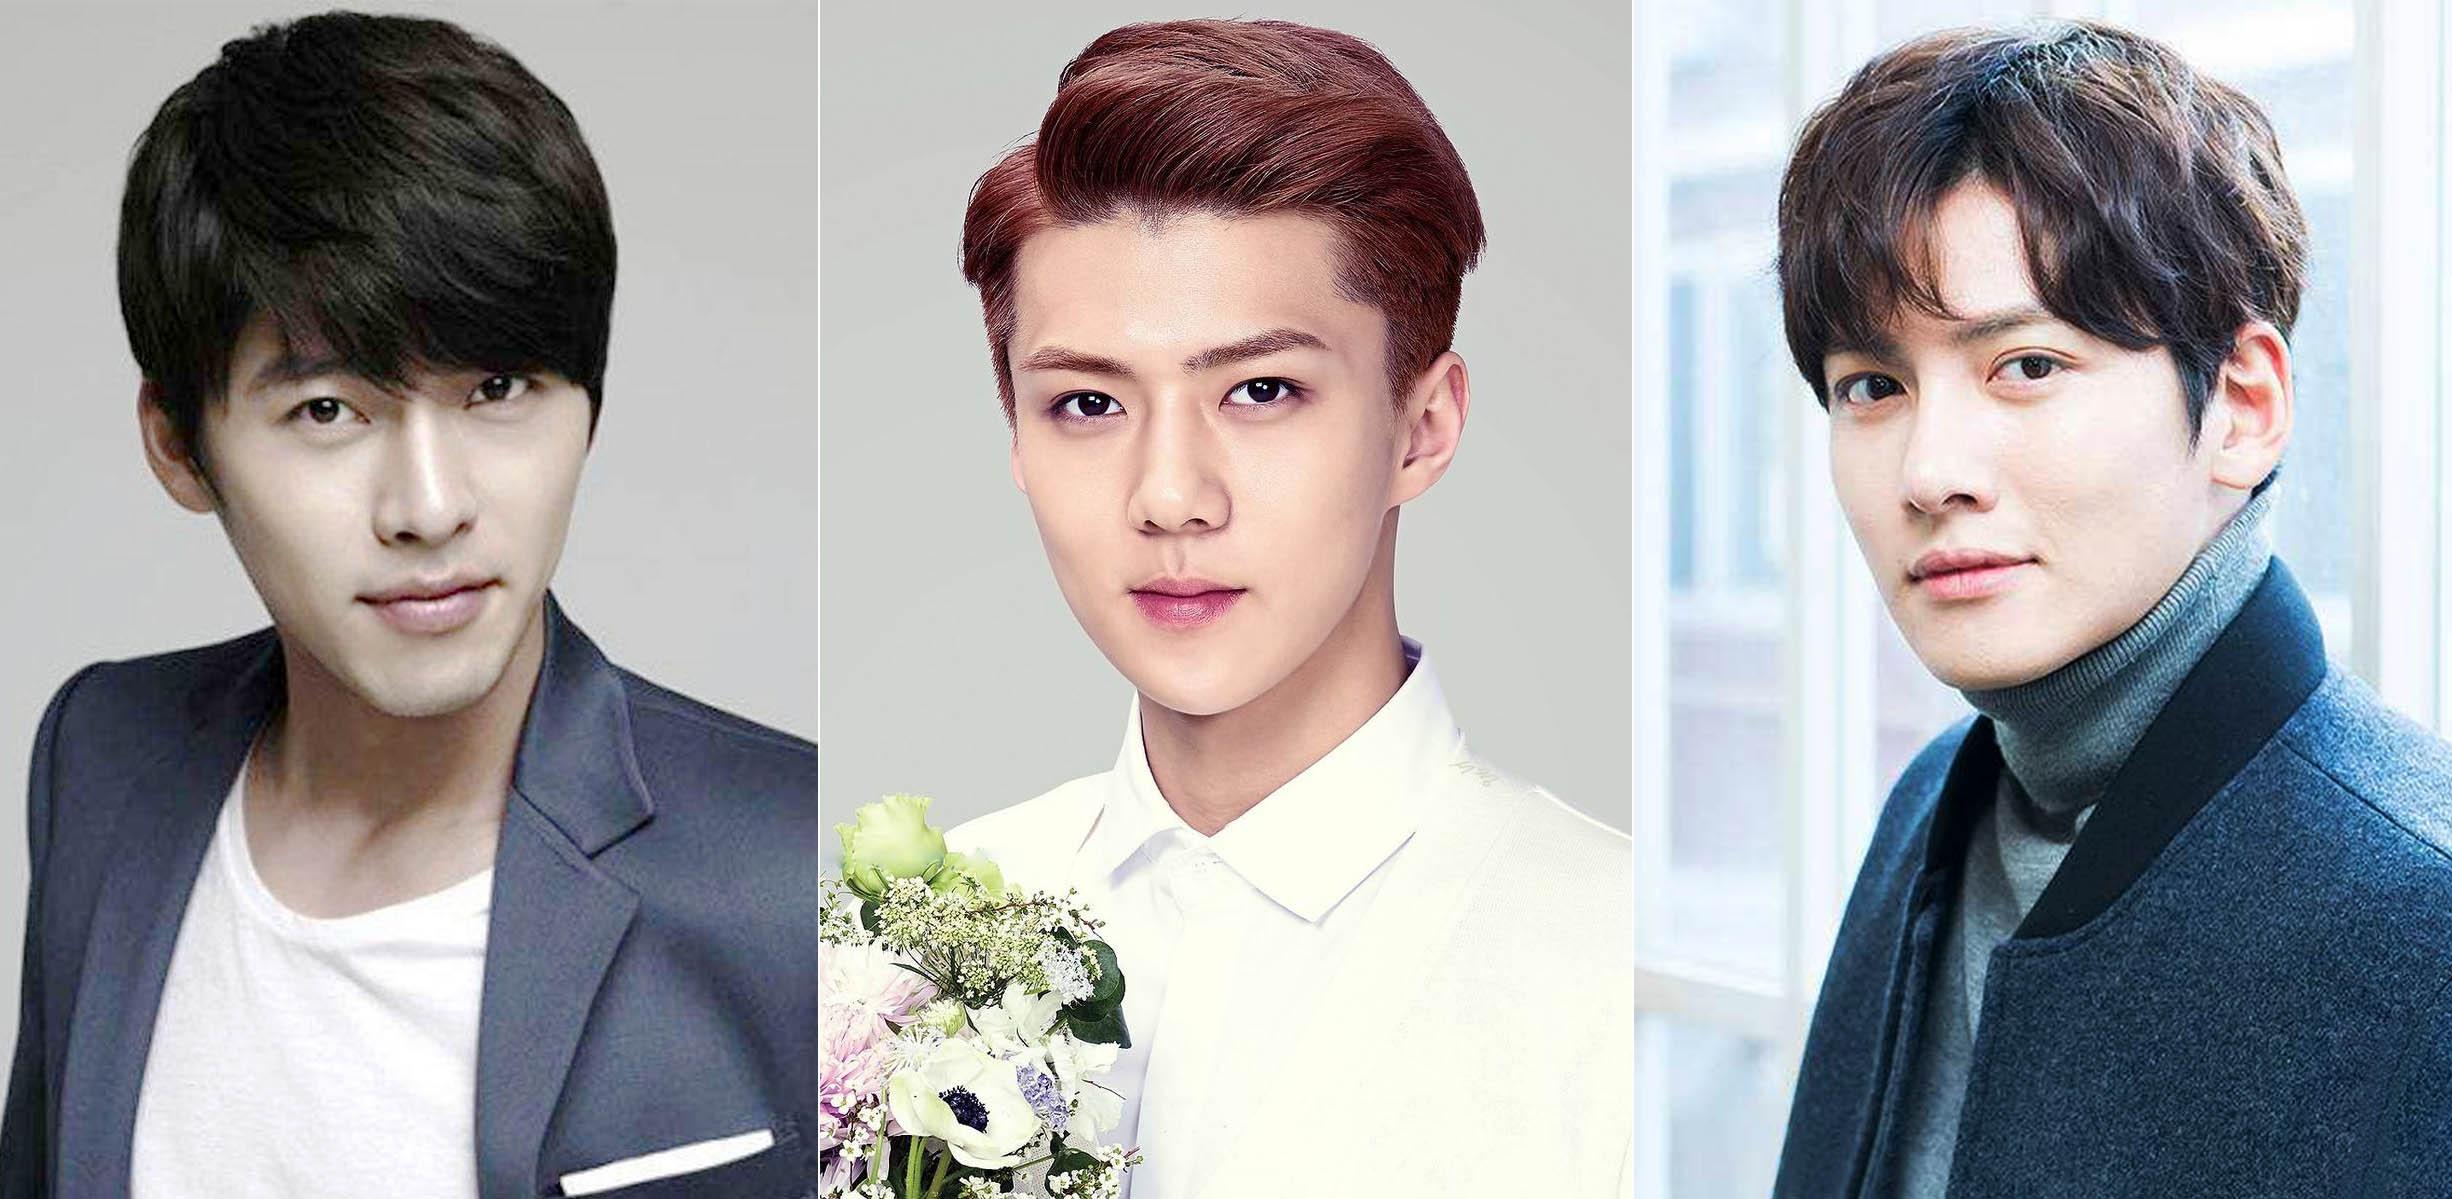 韩国男演员-如何拯救中国男人的形象